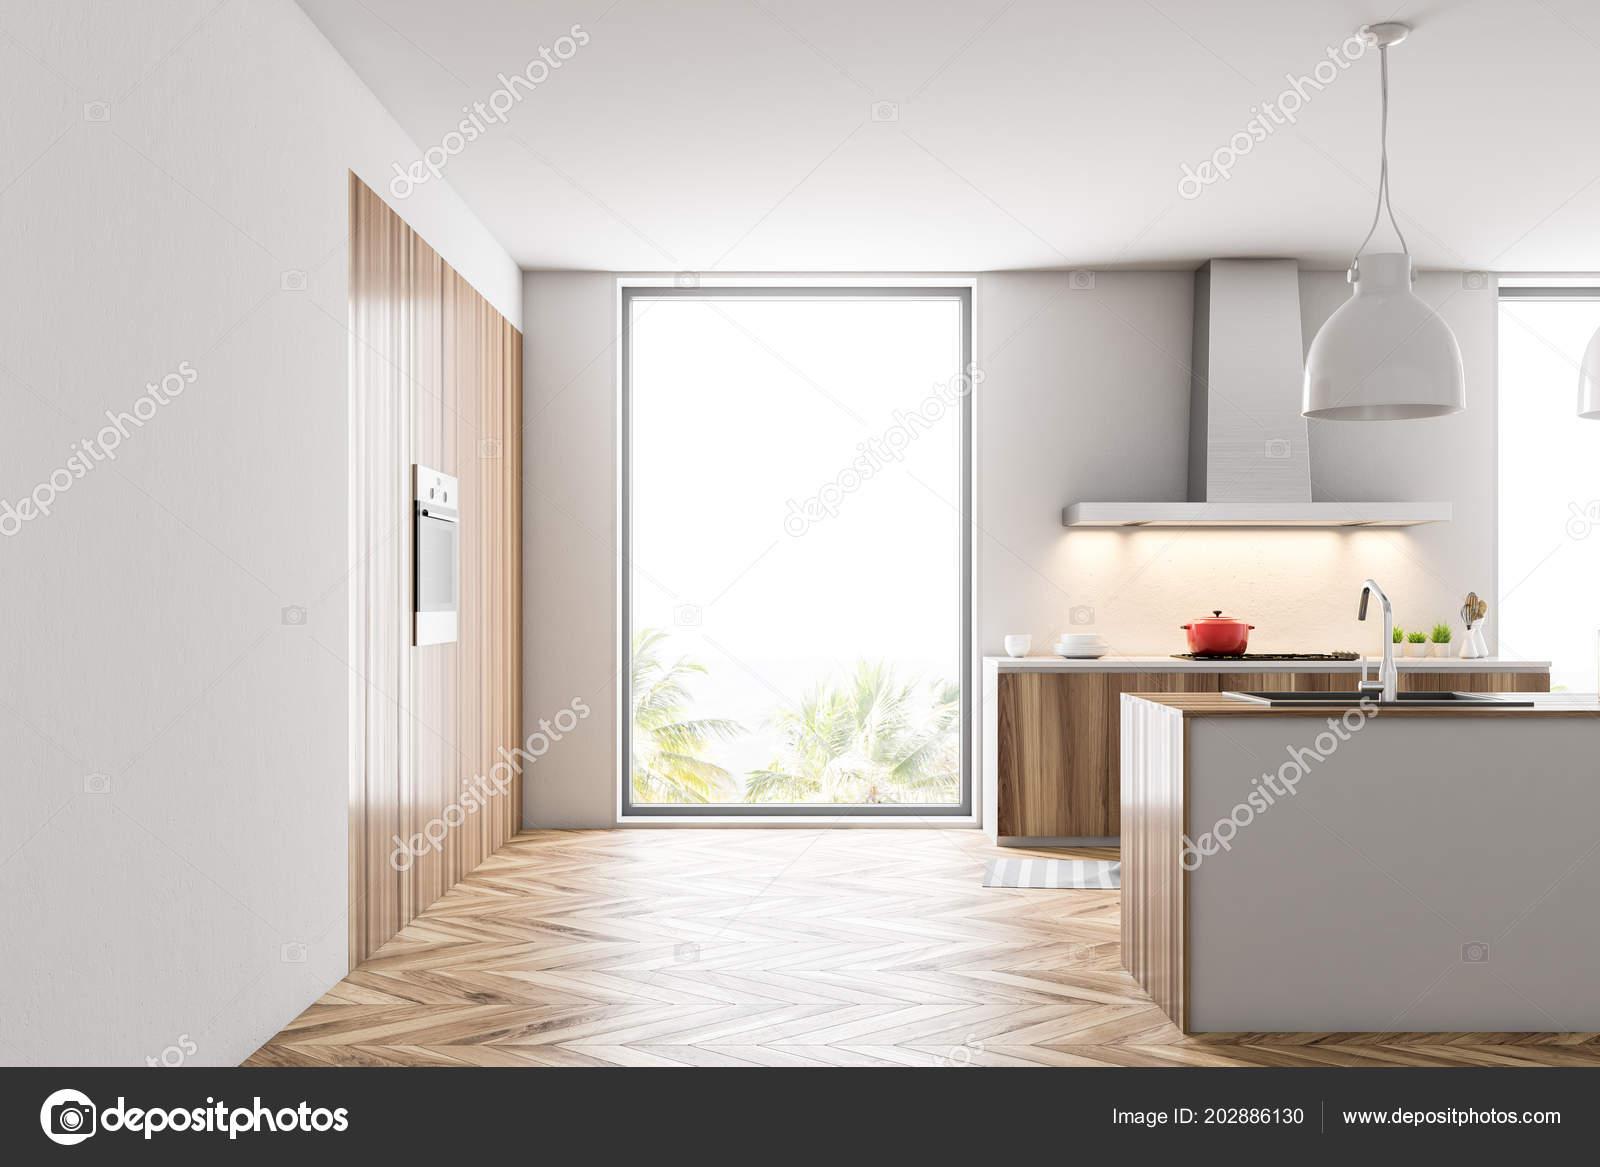 Fußboden Zu Weißer Küche ~ Loft küche interieur mit holz und weiße wände einen hölzernen